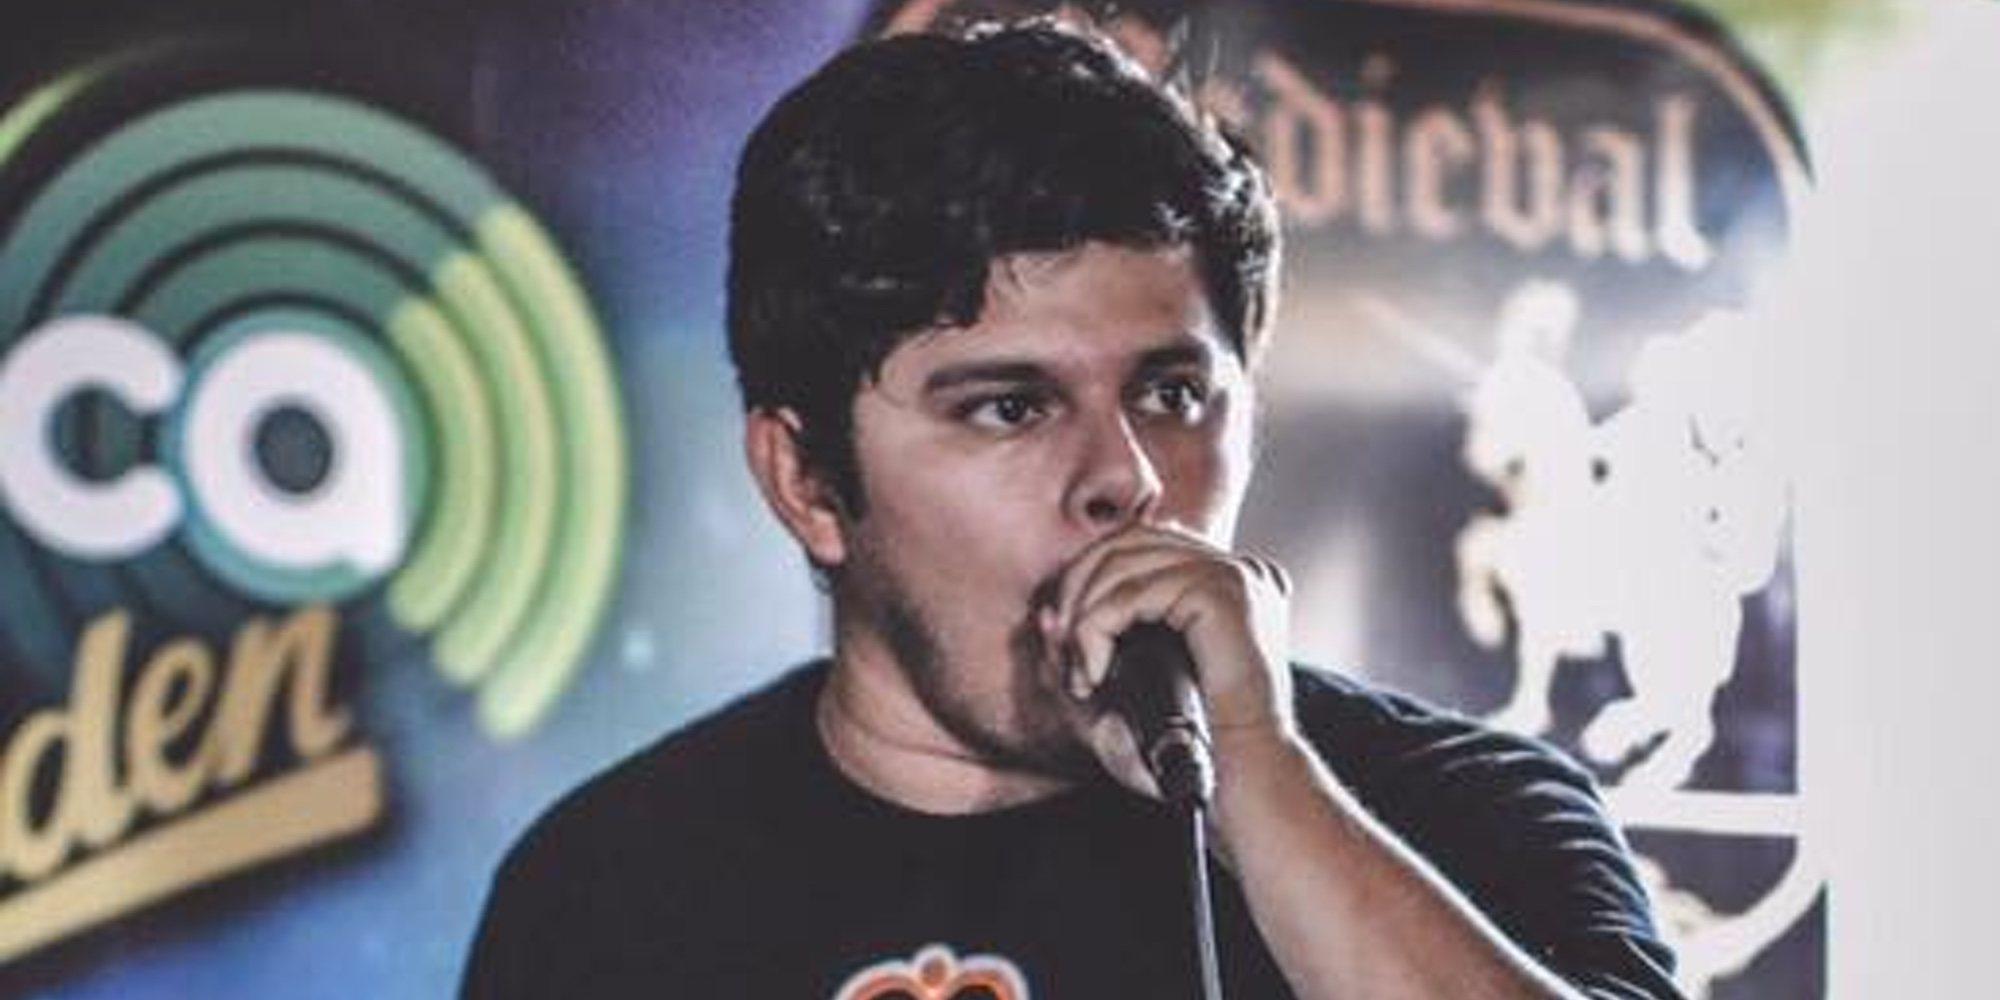 Asesinado a tiros César Canales, vocalista del grupo latino Apes of God, en uno de sus conciertos en directo